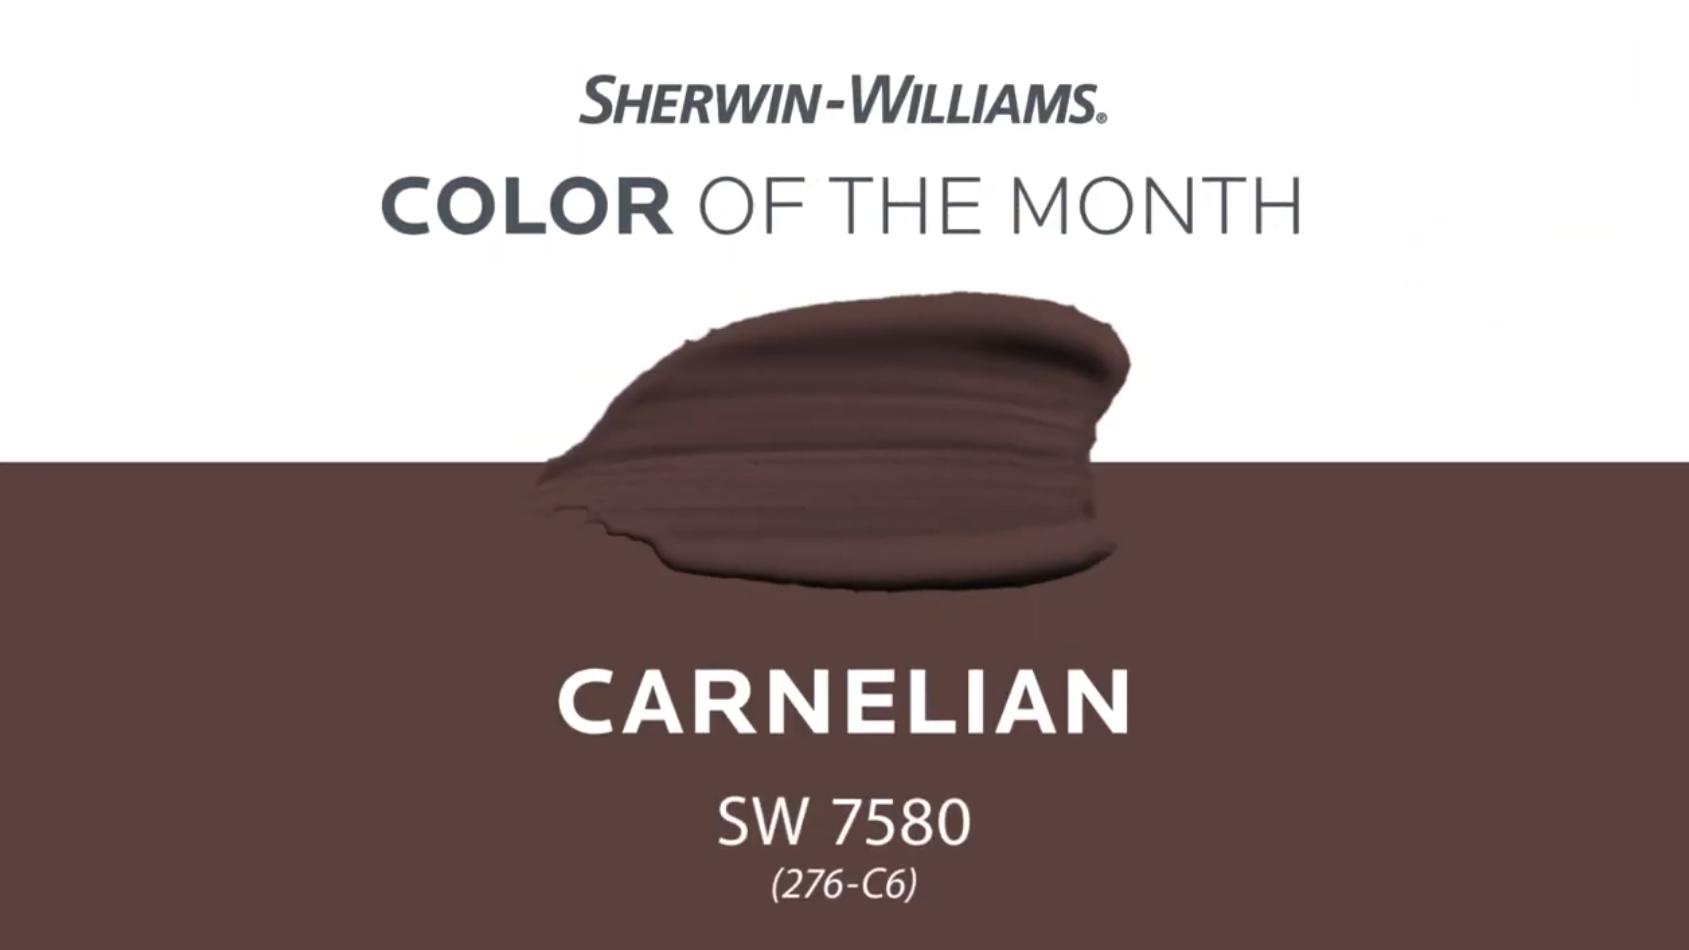 SW 7580 Carnelian